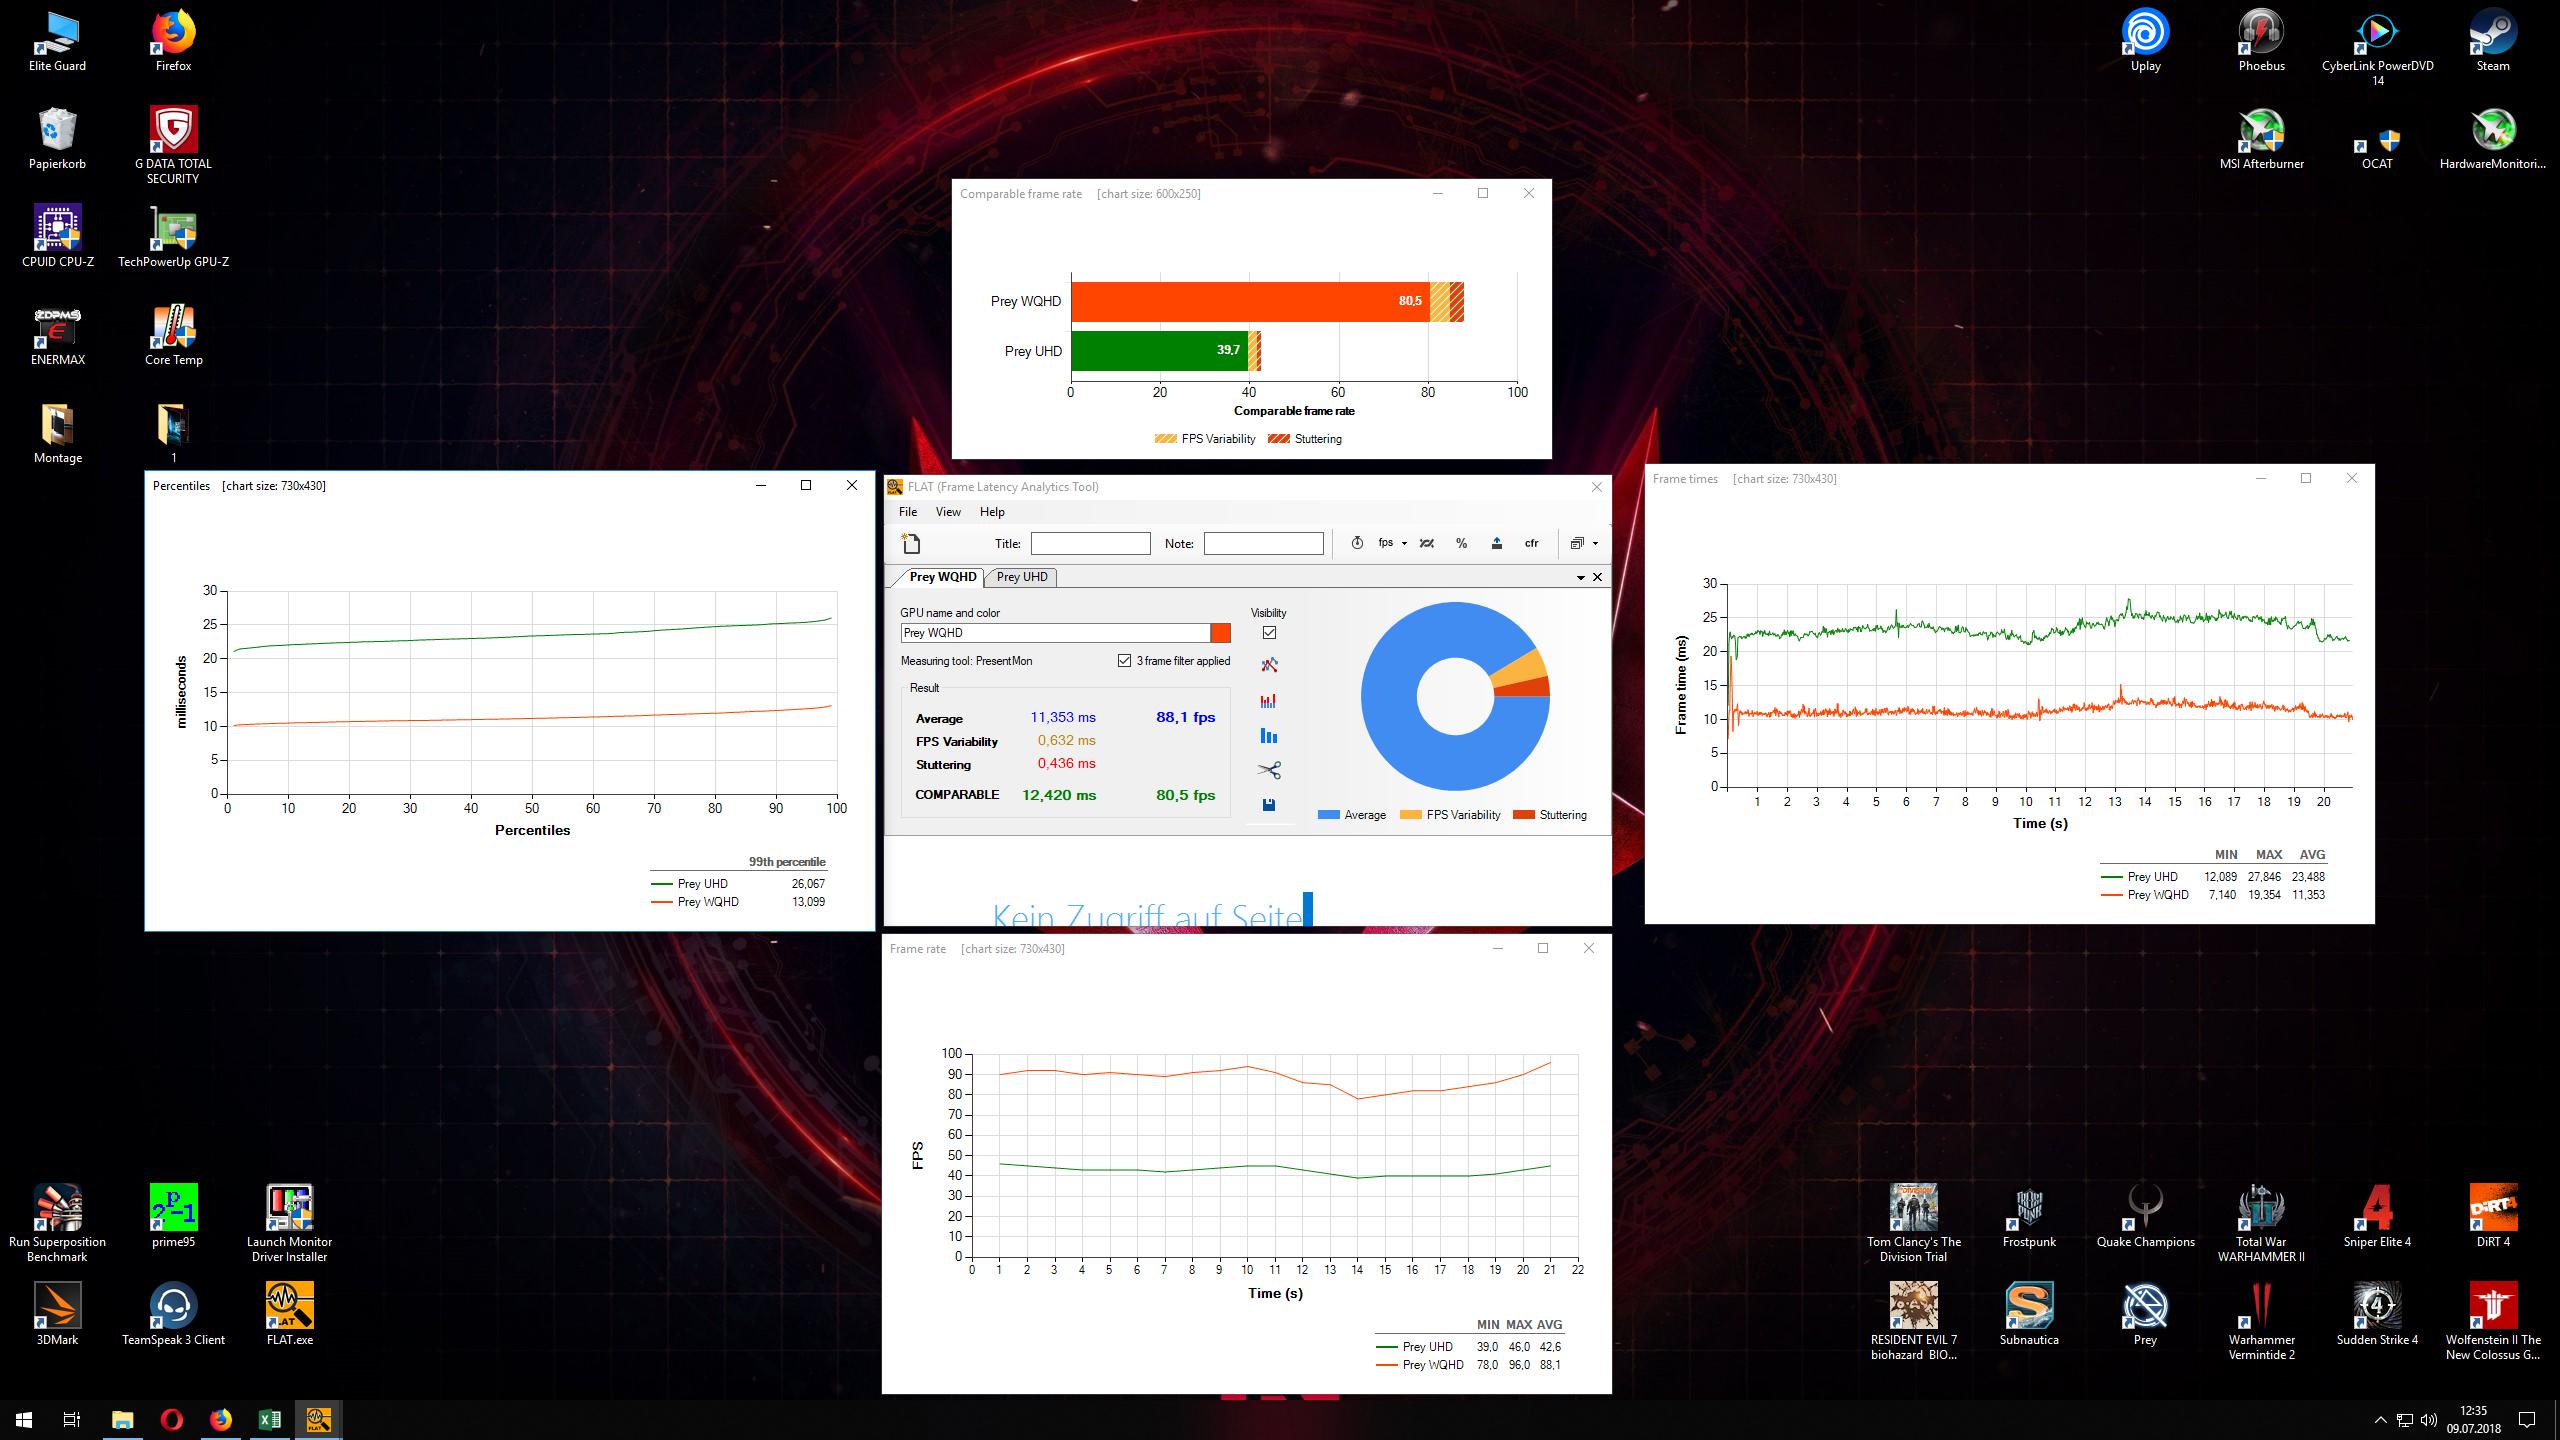 Klicken Sie auf die Grafik für eine größere Ansicht  Name:Prey WQHD.png Hits:631 Größe:1,67 MB ID:1002375